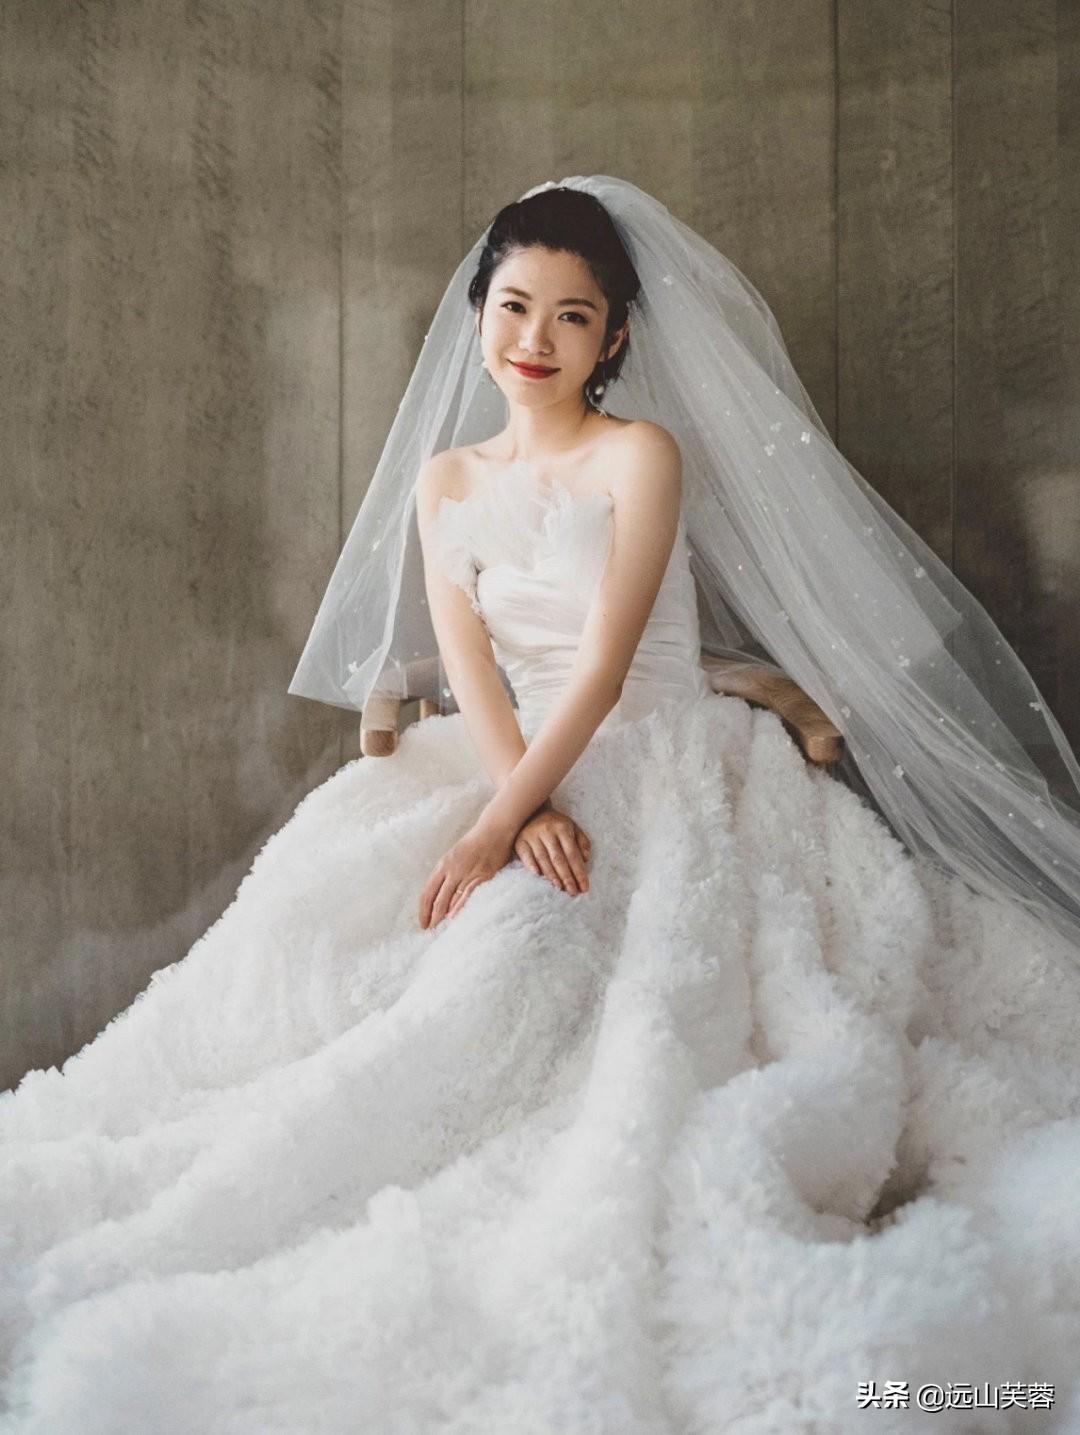 女性穿上婚纱的时候最美-1.jpg